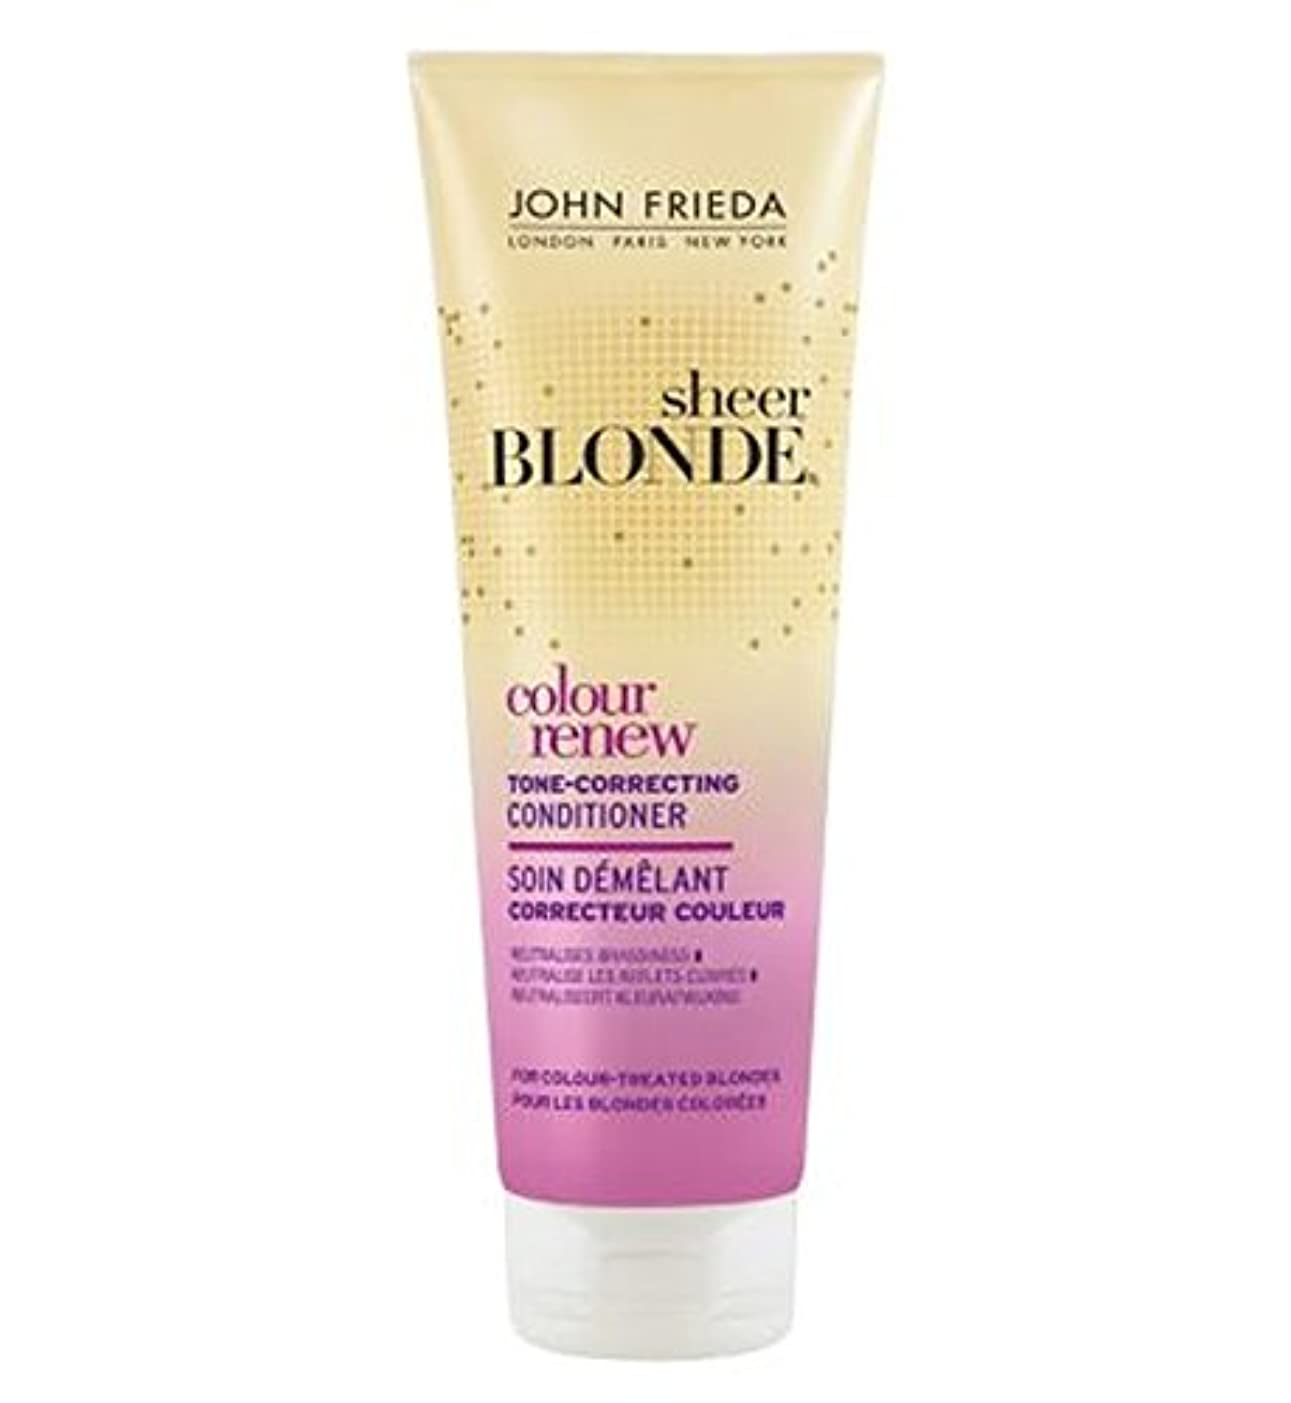 エトナ山ペット胴体John Frieda Sheer Blonde Colour Renew Tone Correcting Conditioner 250ml - ジョン?フリーダ薄手のブロンド色は色調補正コンディショナー250ミリリットルを更新します (John Frieda) [並行輸入品]